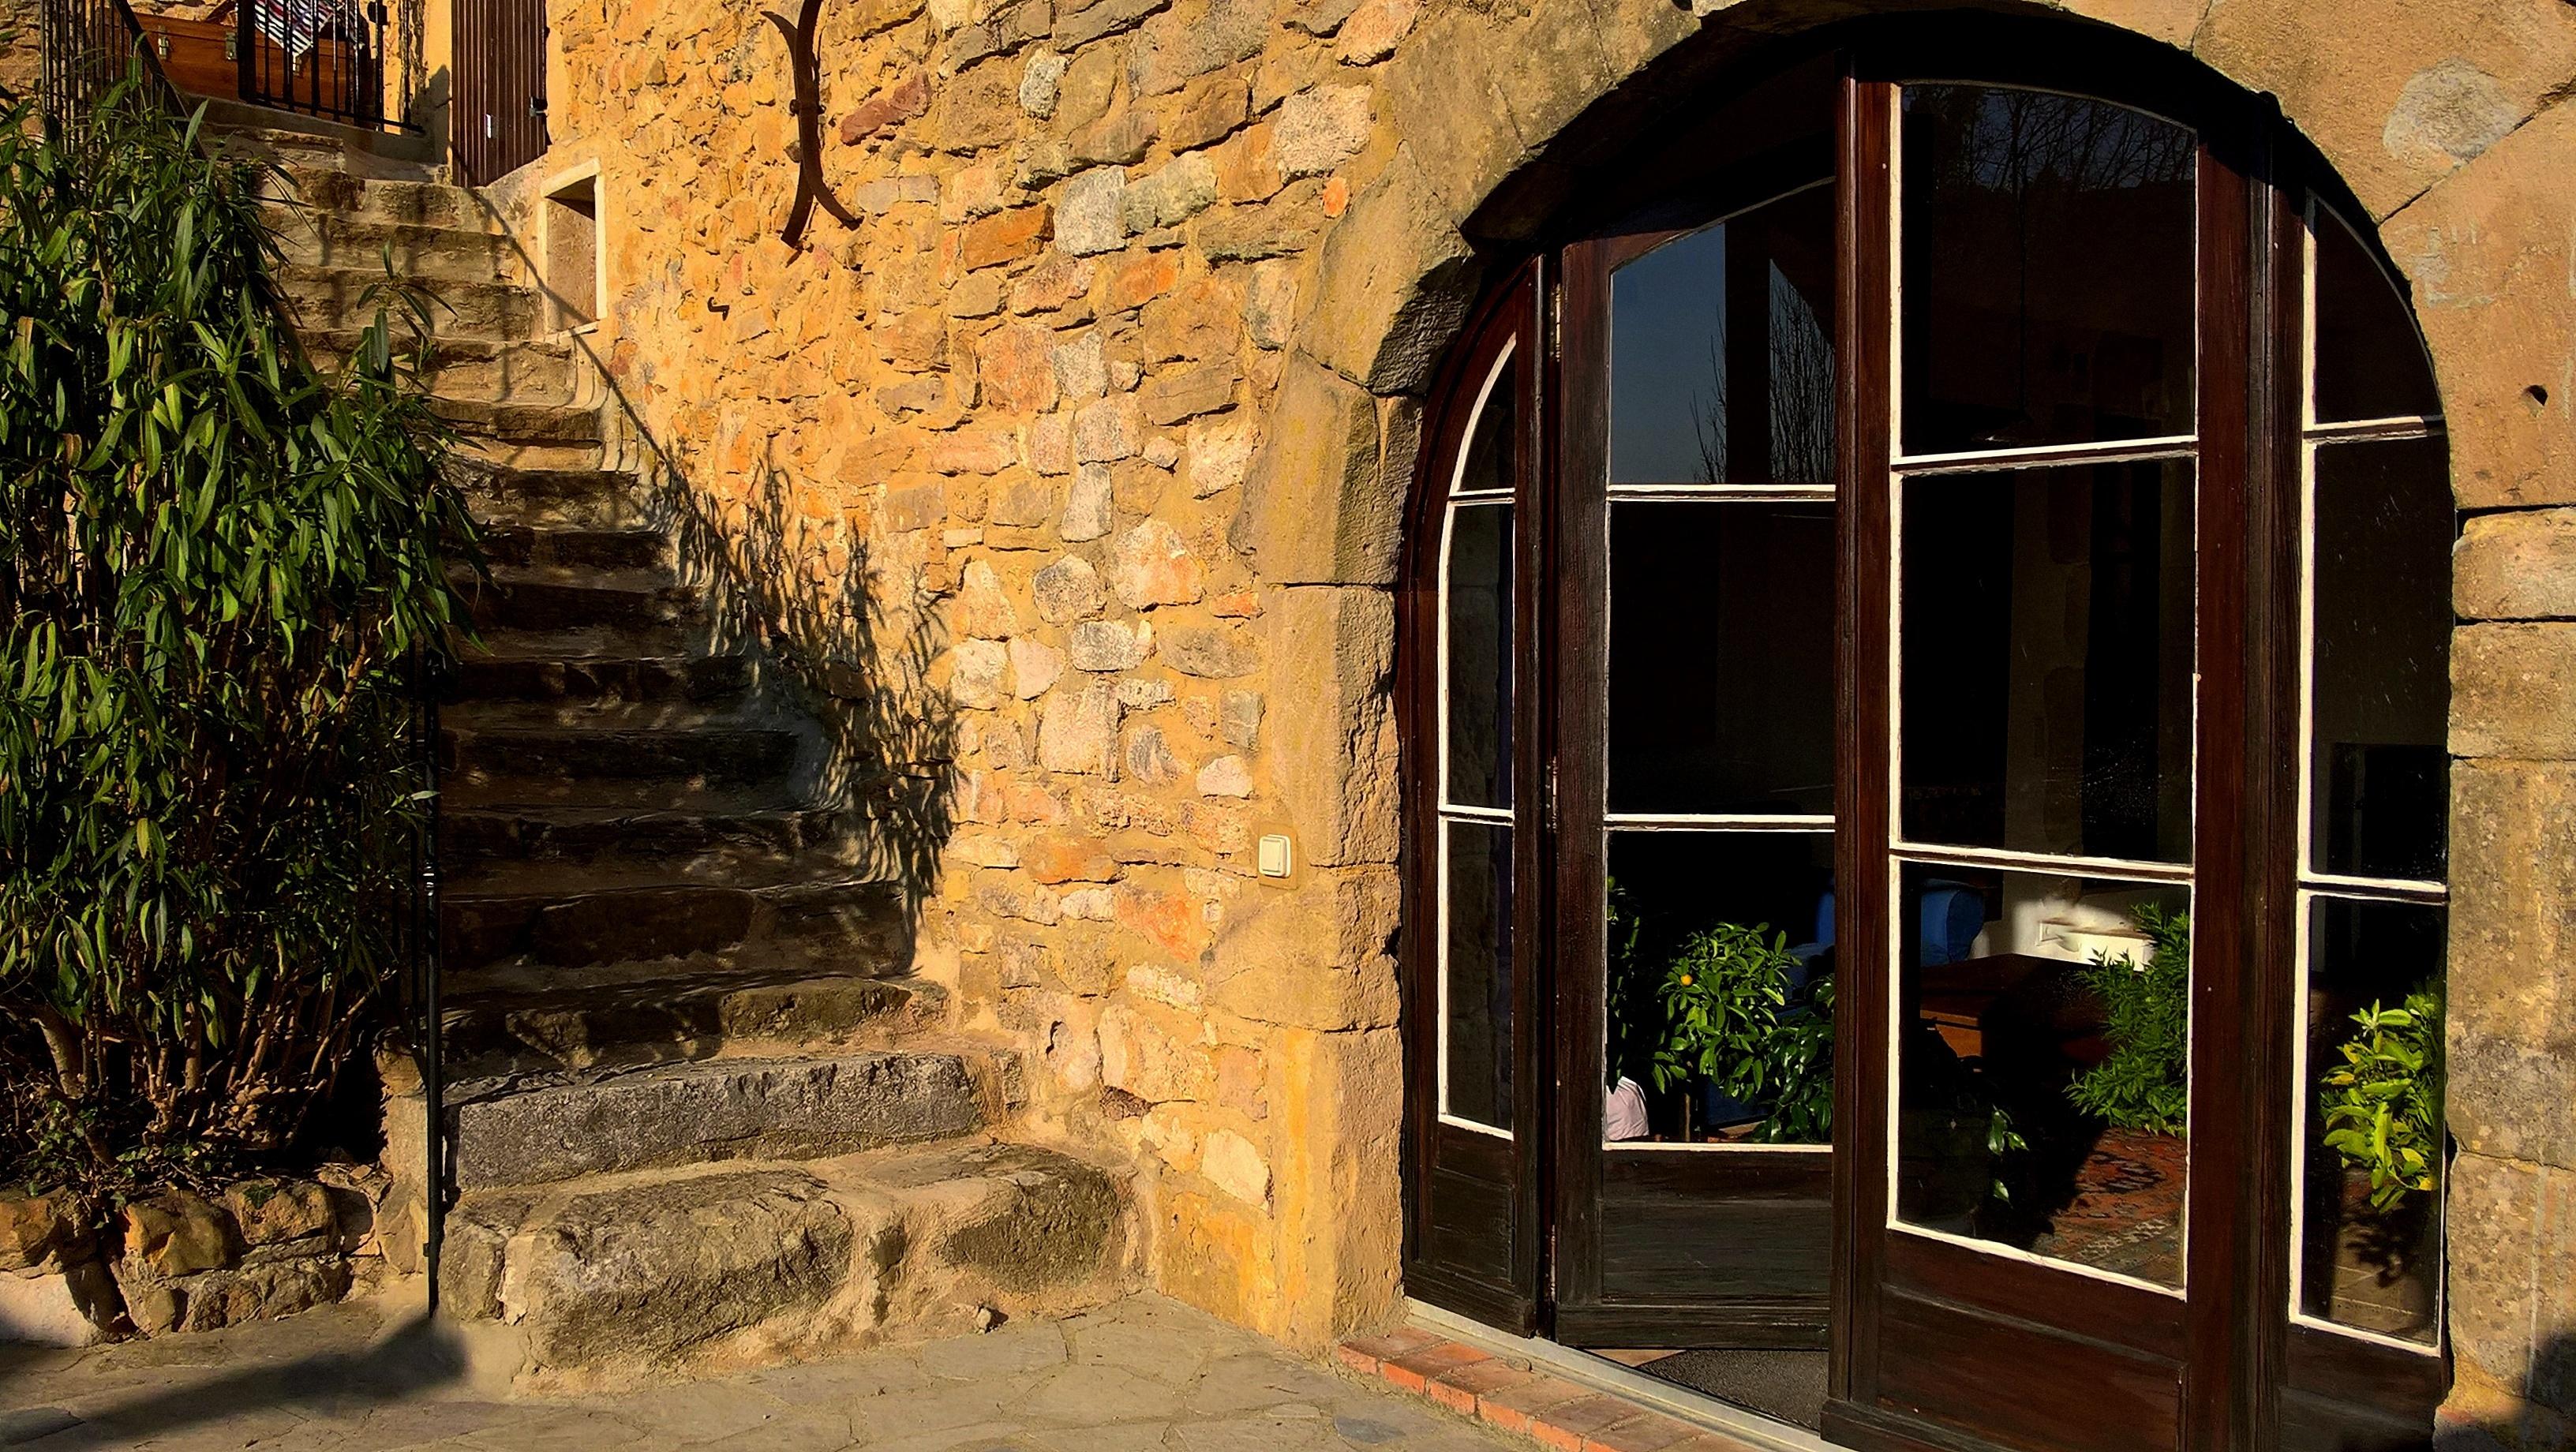 Sicht auf Eingang zum unteren Wohnteil mit Treppe